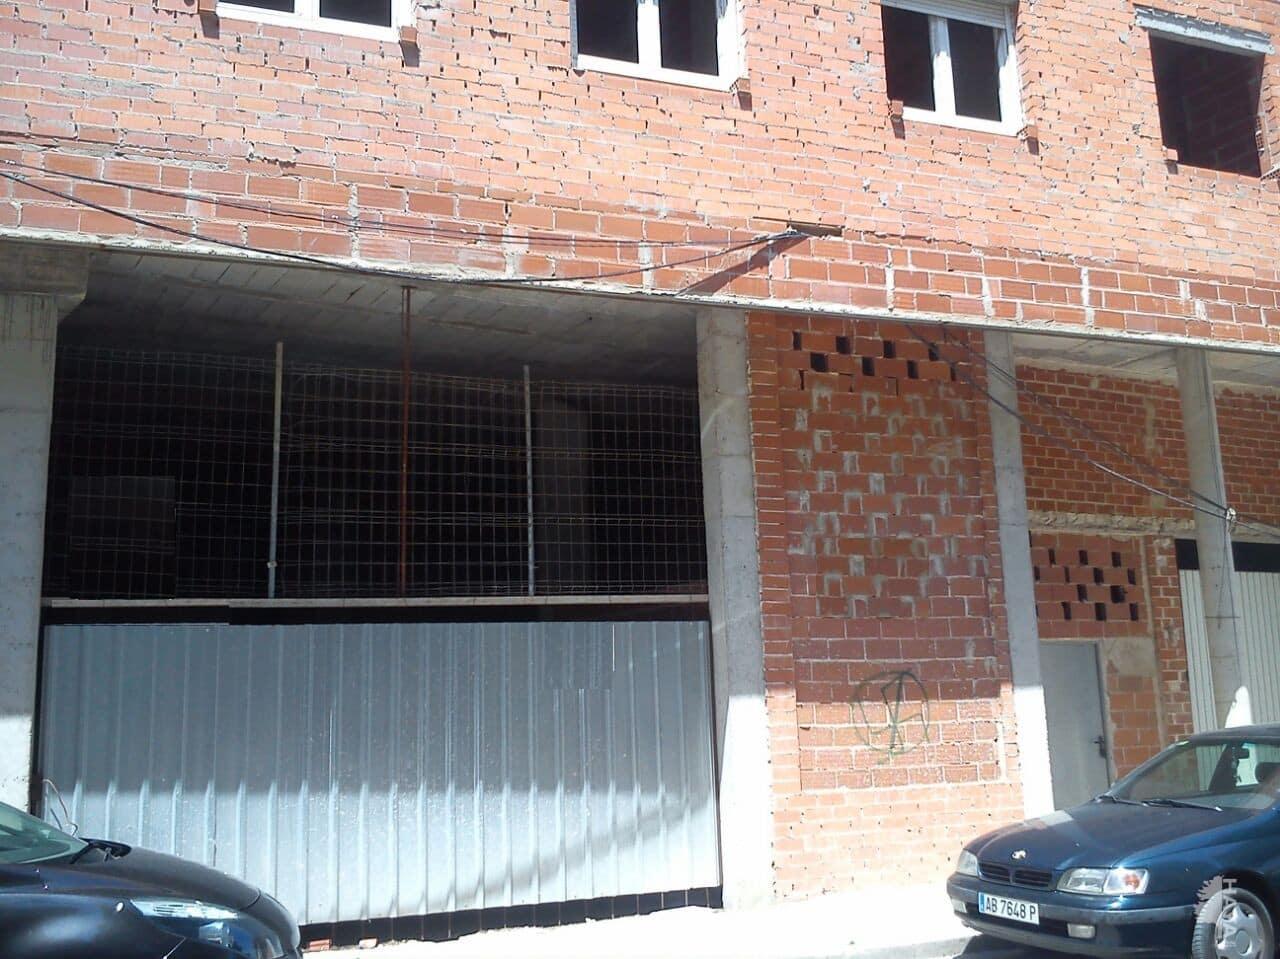 Piso en venta en La Roda, Albacete, Paseo Juan Garcia Glz, 38.600 €, 1 habitación, 1 baño, 95 m2